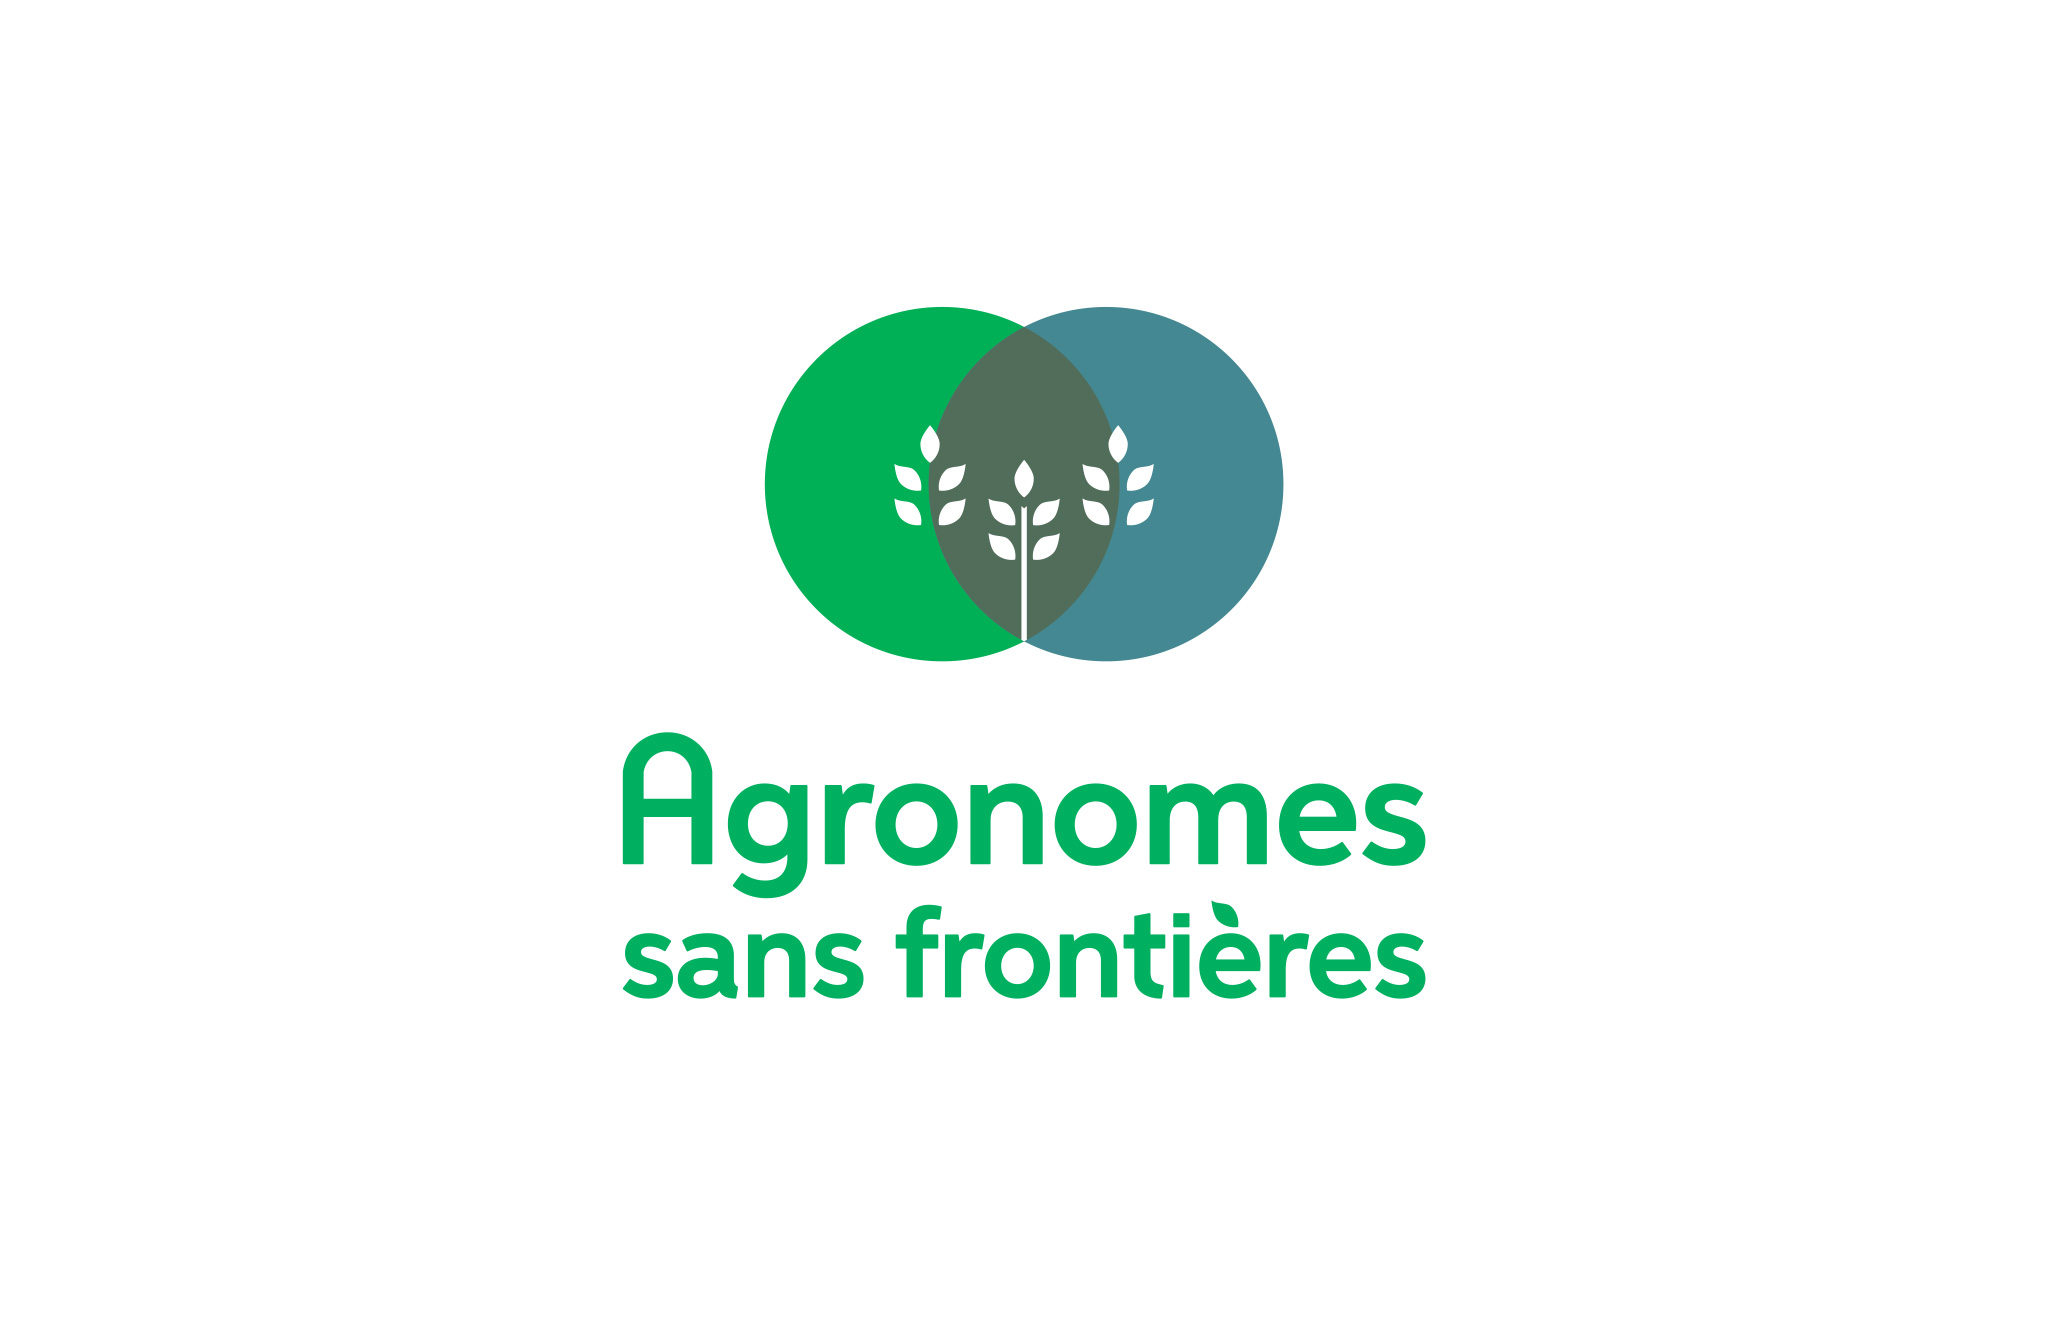 Identité visuelle du nouveau programme Agronomes sans frontières de Suco.